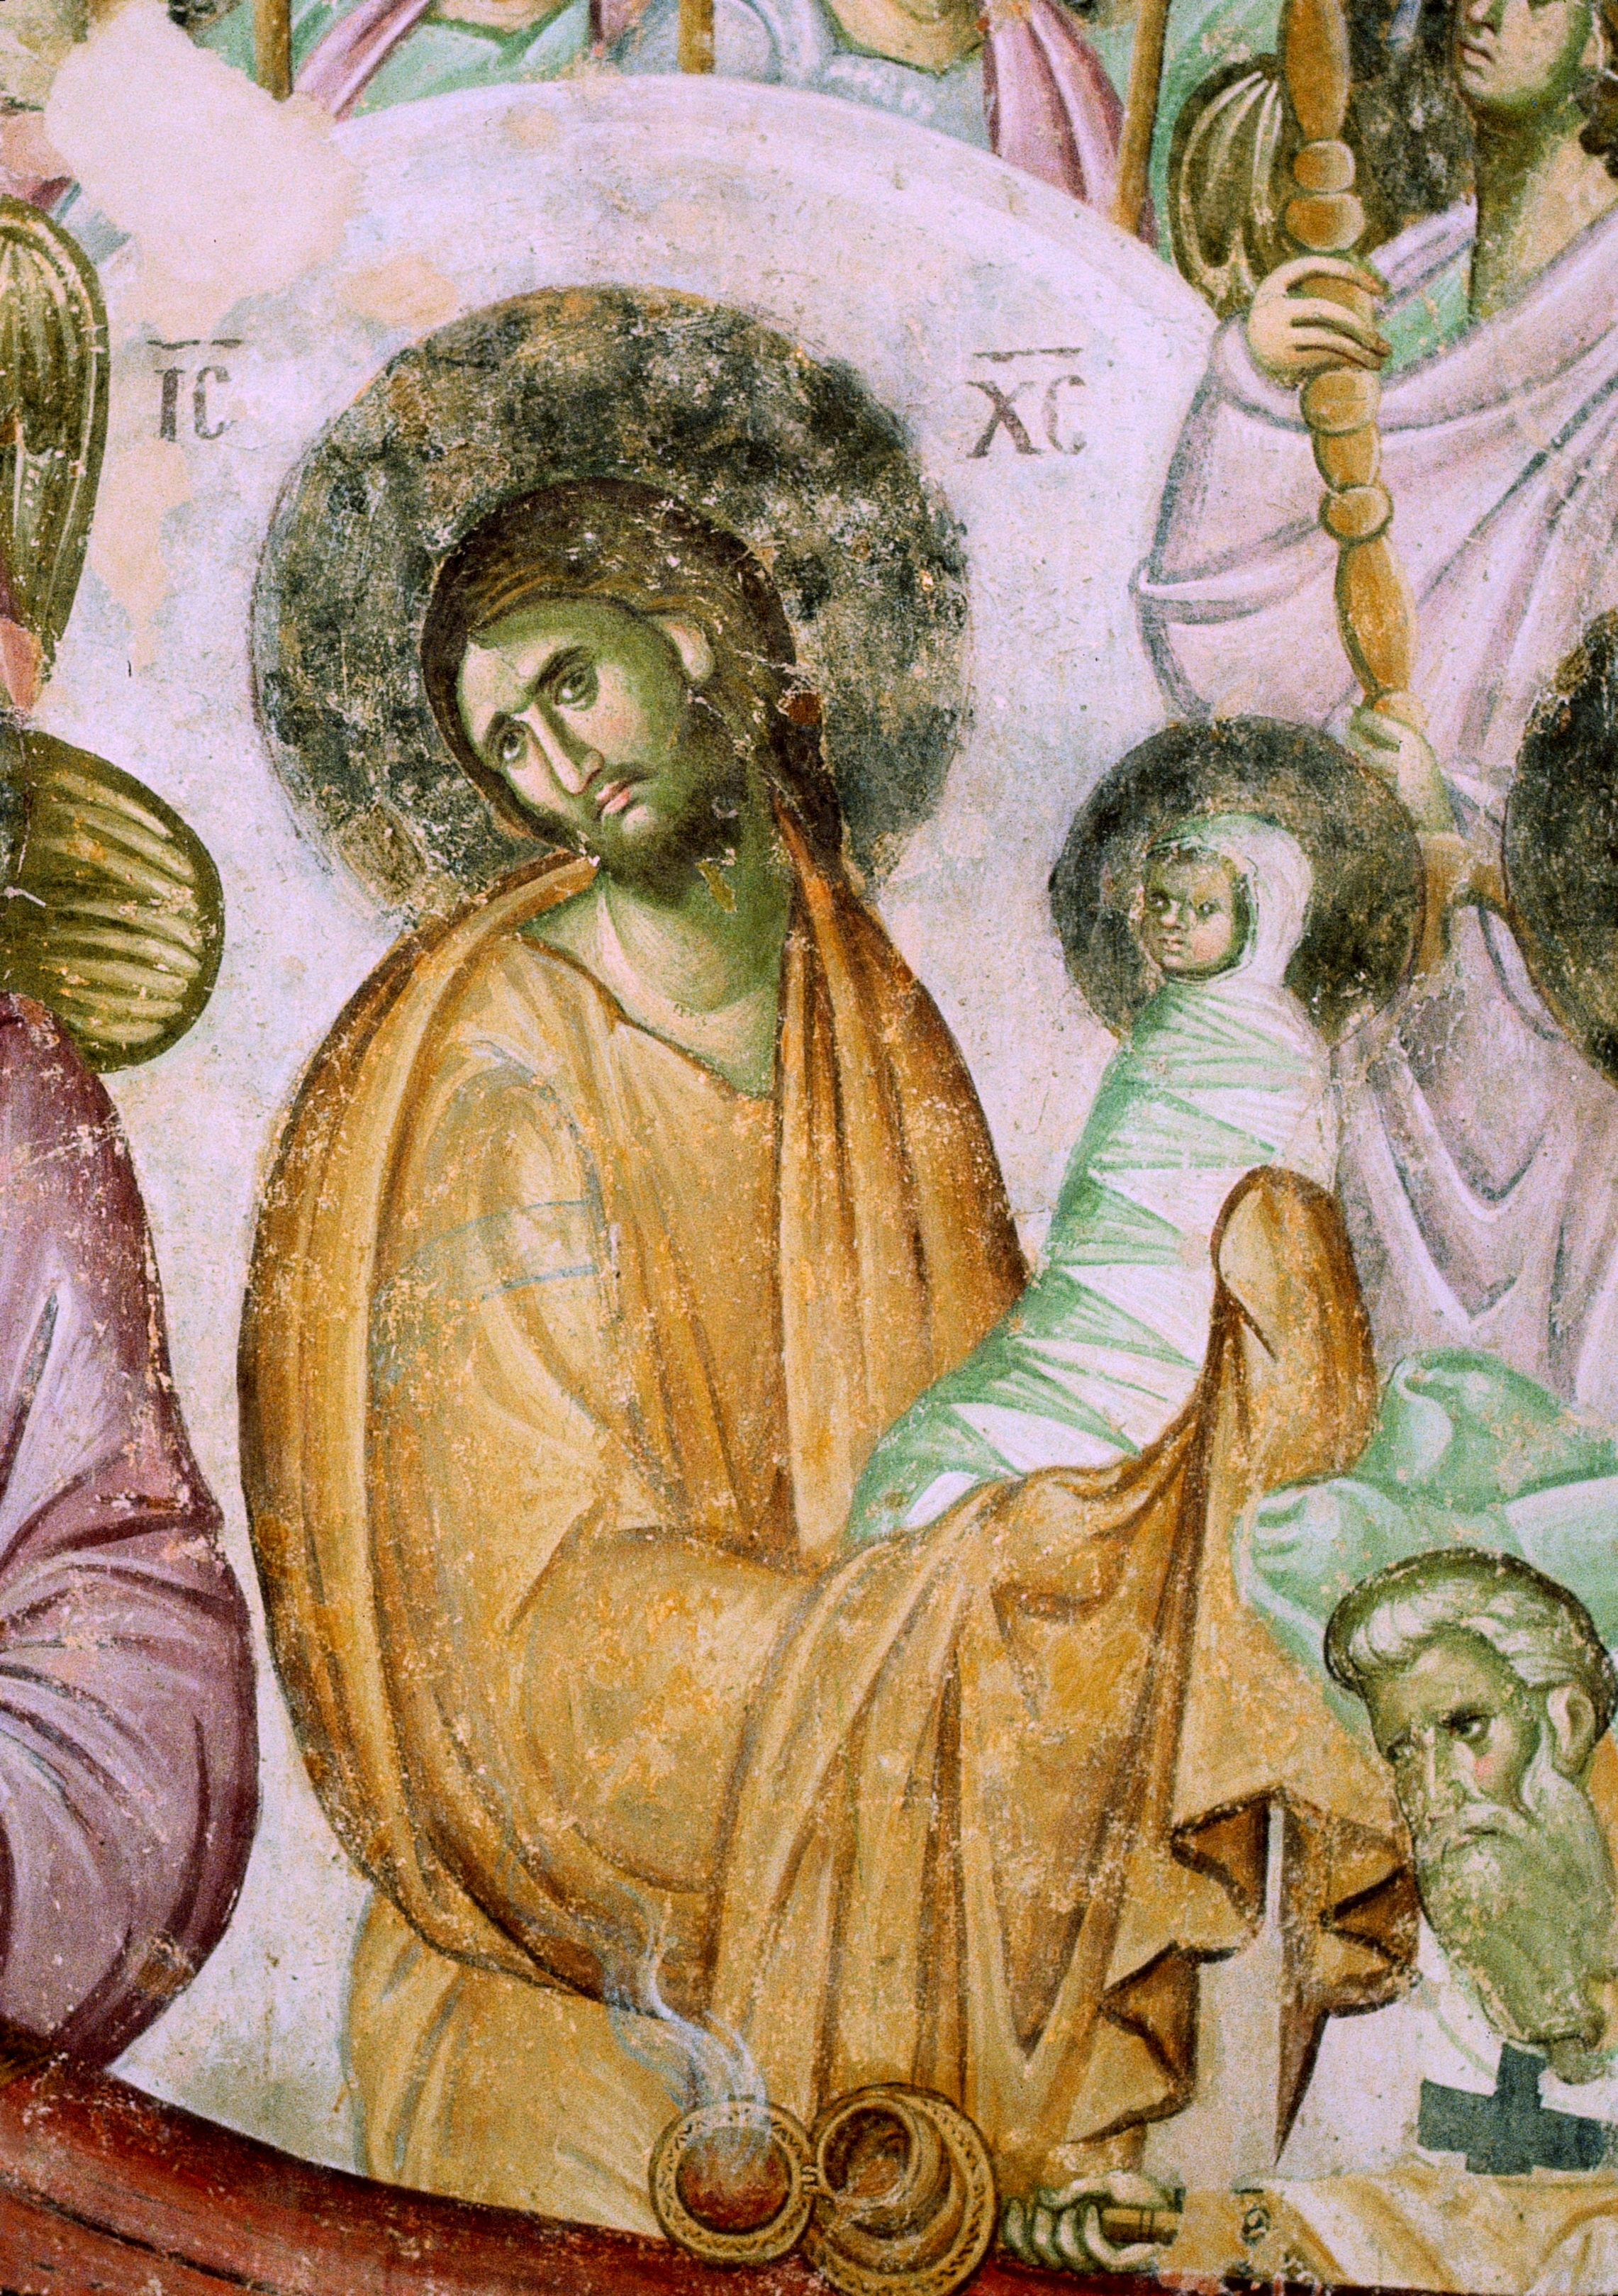 Успение Пресвятой Богородицы. Фреска XIII века в монастыре Сопочаны, Сербия. Фрагмент. Христос с душой Богородицы на руках.